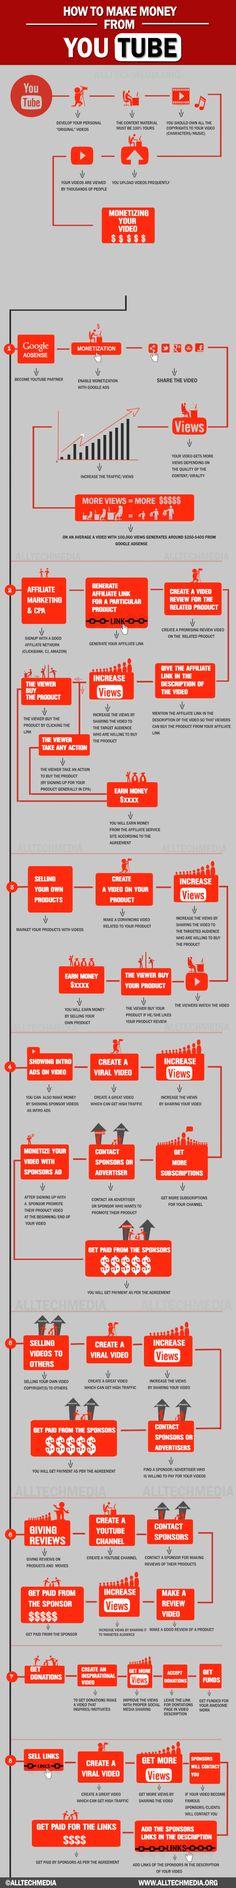 ¿Como hacer dinero en #Youtube? No hay que engañarse, hacer dinero con tus vídeos no es tarea fácil, ni muchísimo menos; entre otras cosas, no es sencillo captar la atención de los espectadores y fidelizarlos, además de que hay una competencia realmente potente. Pero, posible, lo es; y esta #infografía de AllTechBuzz que nos comparten en wwwhatsnew lo refleja bastante bien #SocialMedia